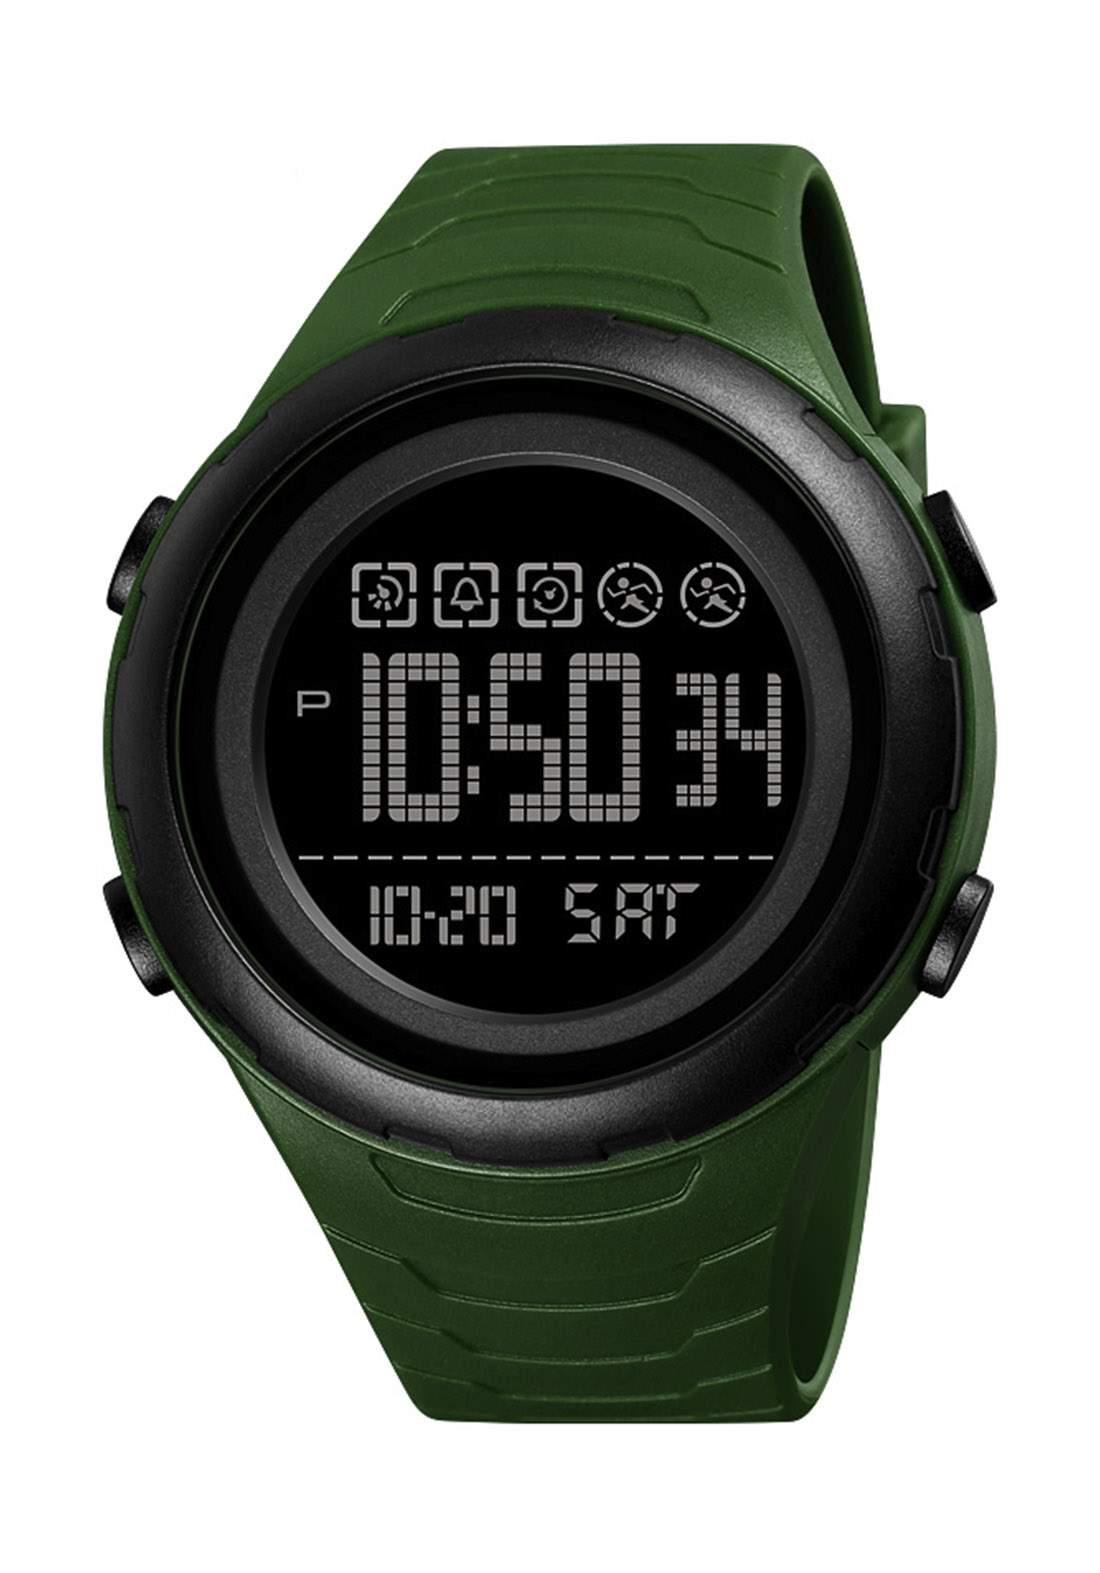 ساعة يد رجالية SKMEI 1674 رقمية